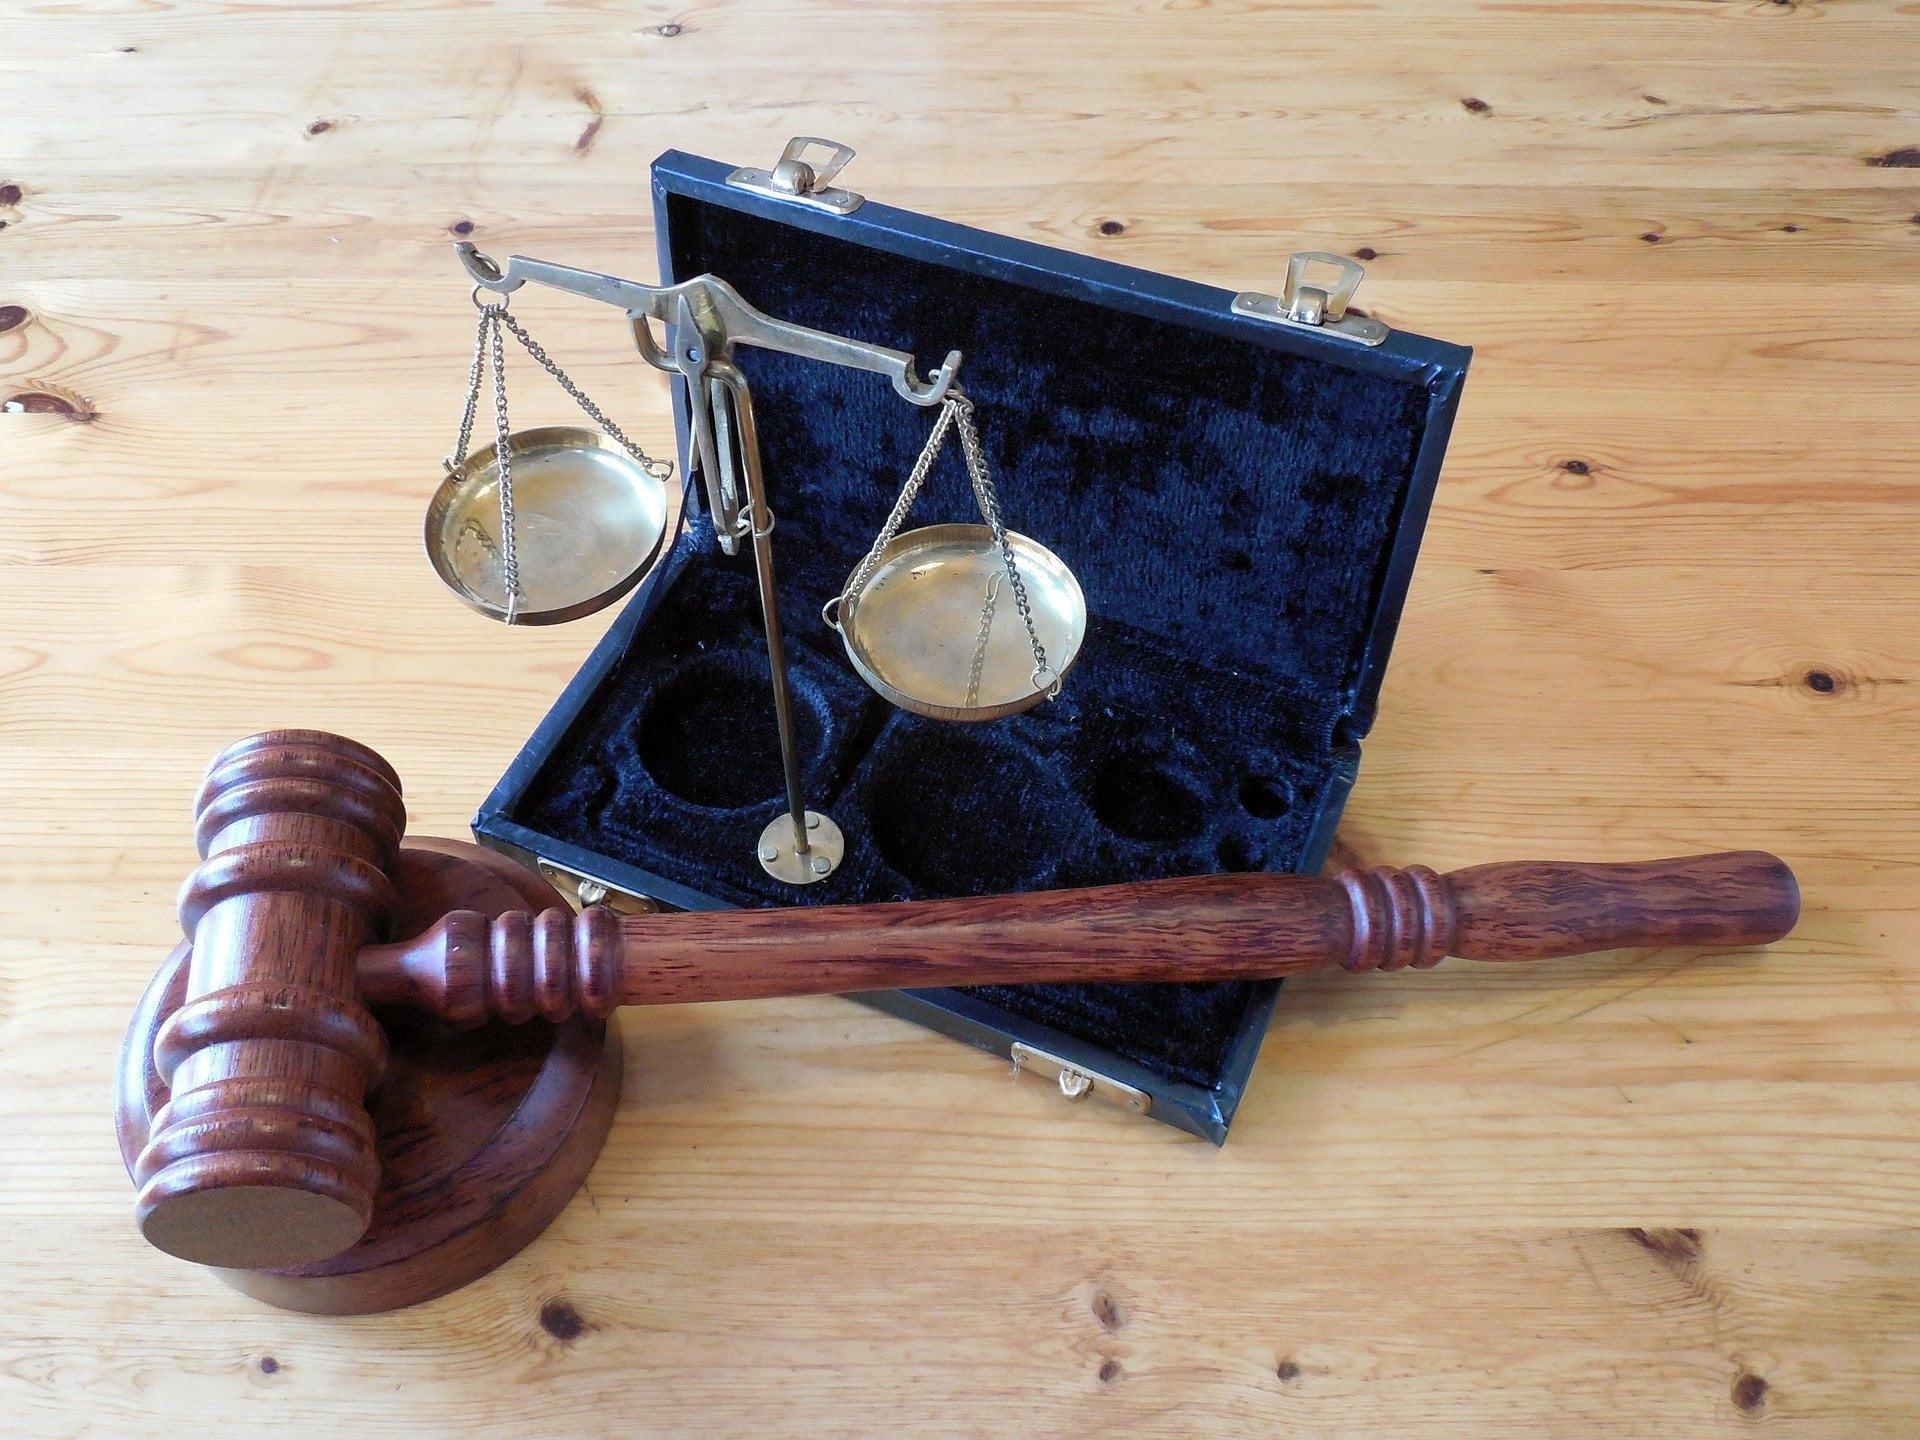 Czyrestauratorzy mogą otwierać swoje firmy? Adwokat komentuje bieżący stan prawny